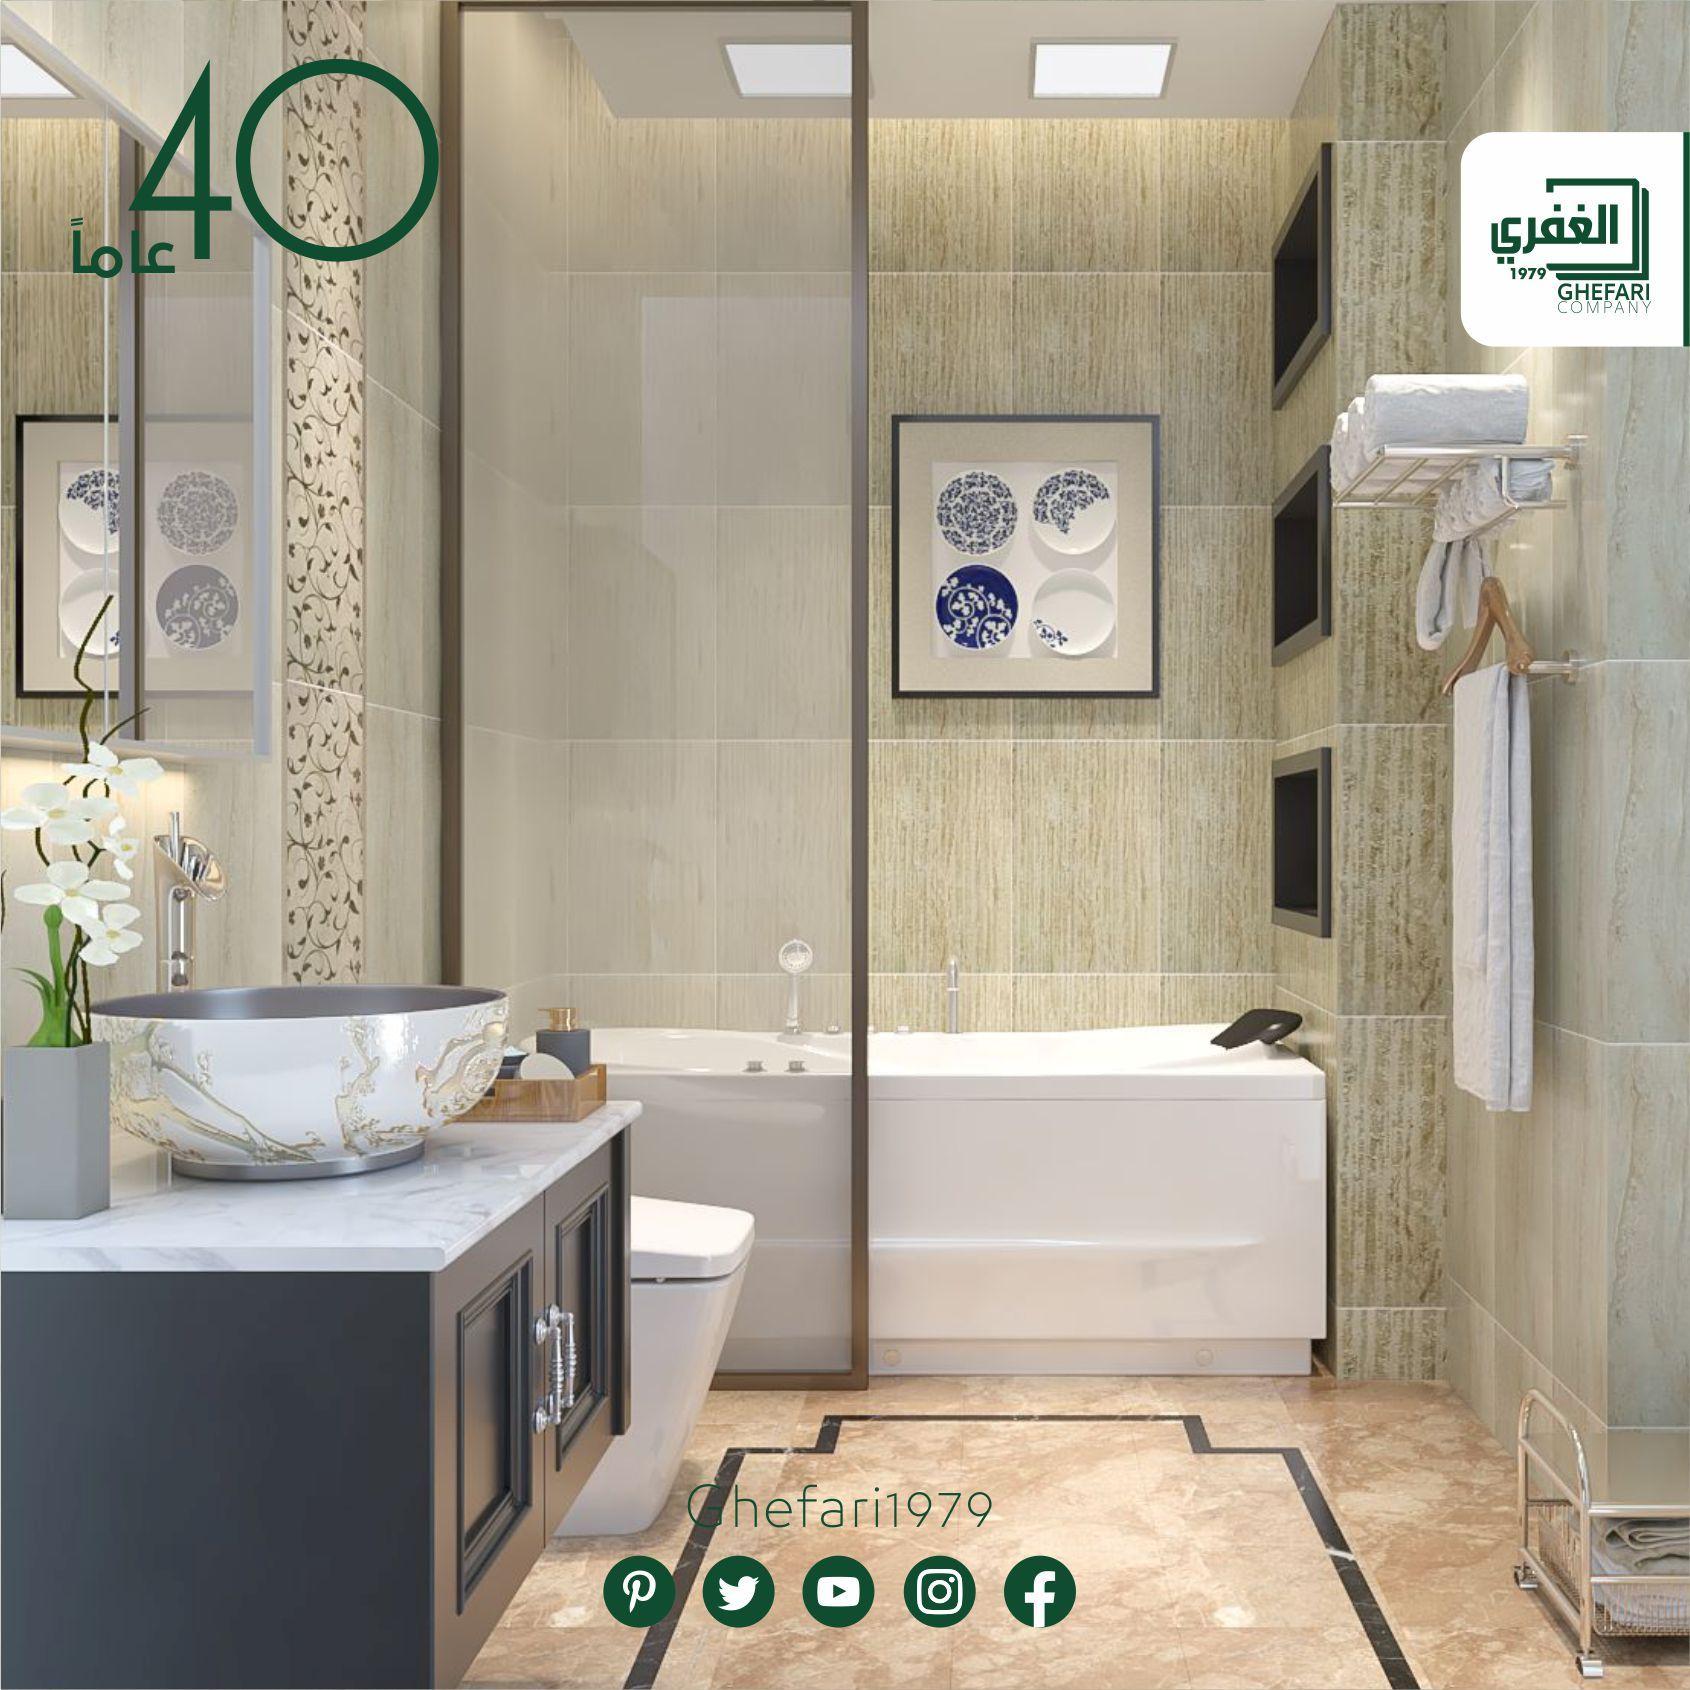 كراميكا حوائط حمامات مطبخ مقاس 31 6x60 اسباني الصنع موديلات 2020 2019 للمزيد زورونا على موقع الشركة Www Ghefari Com ال Bathtub Alcove Bathtub Bathroom